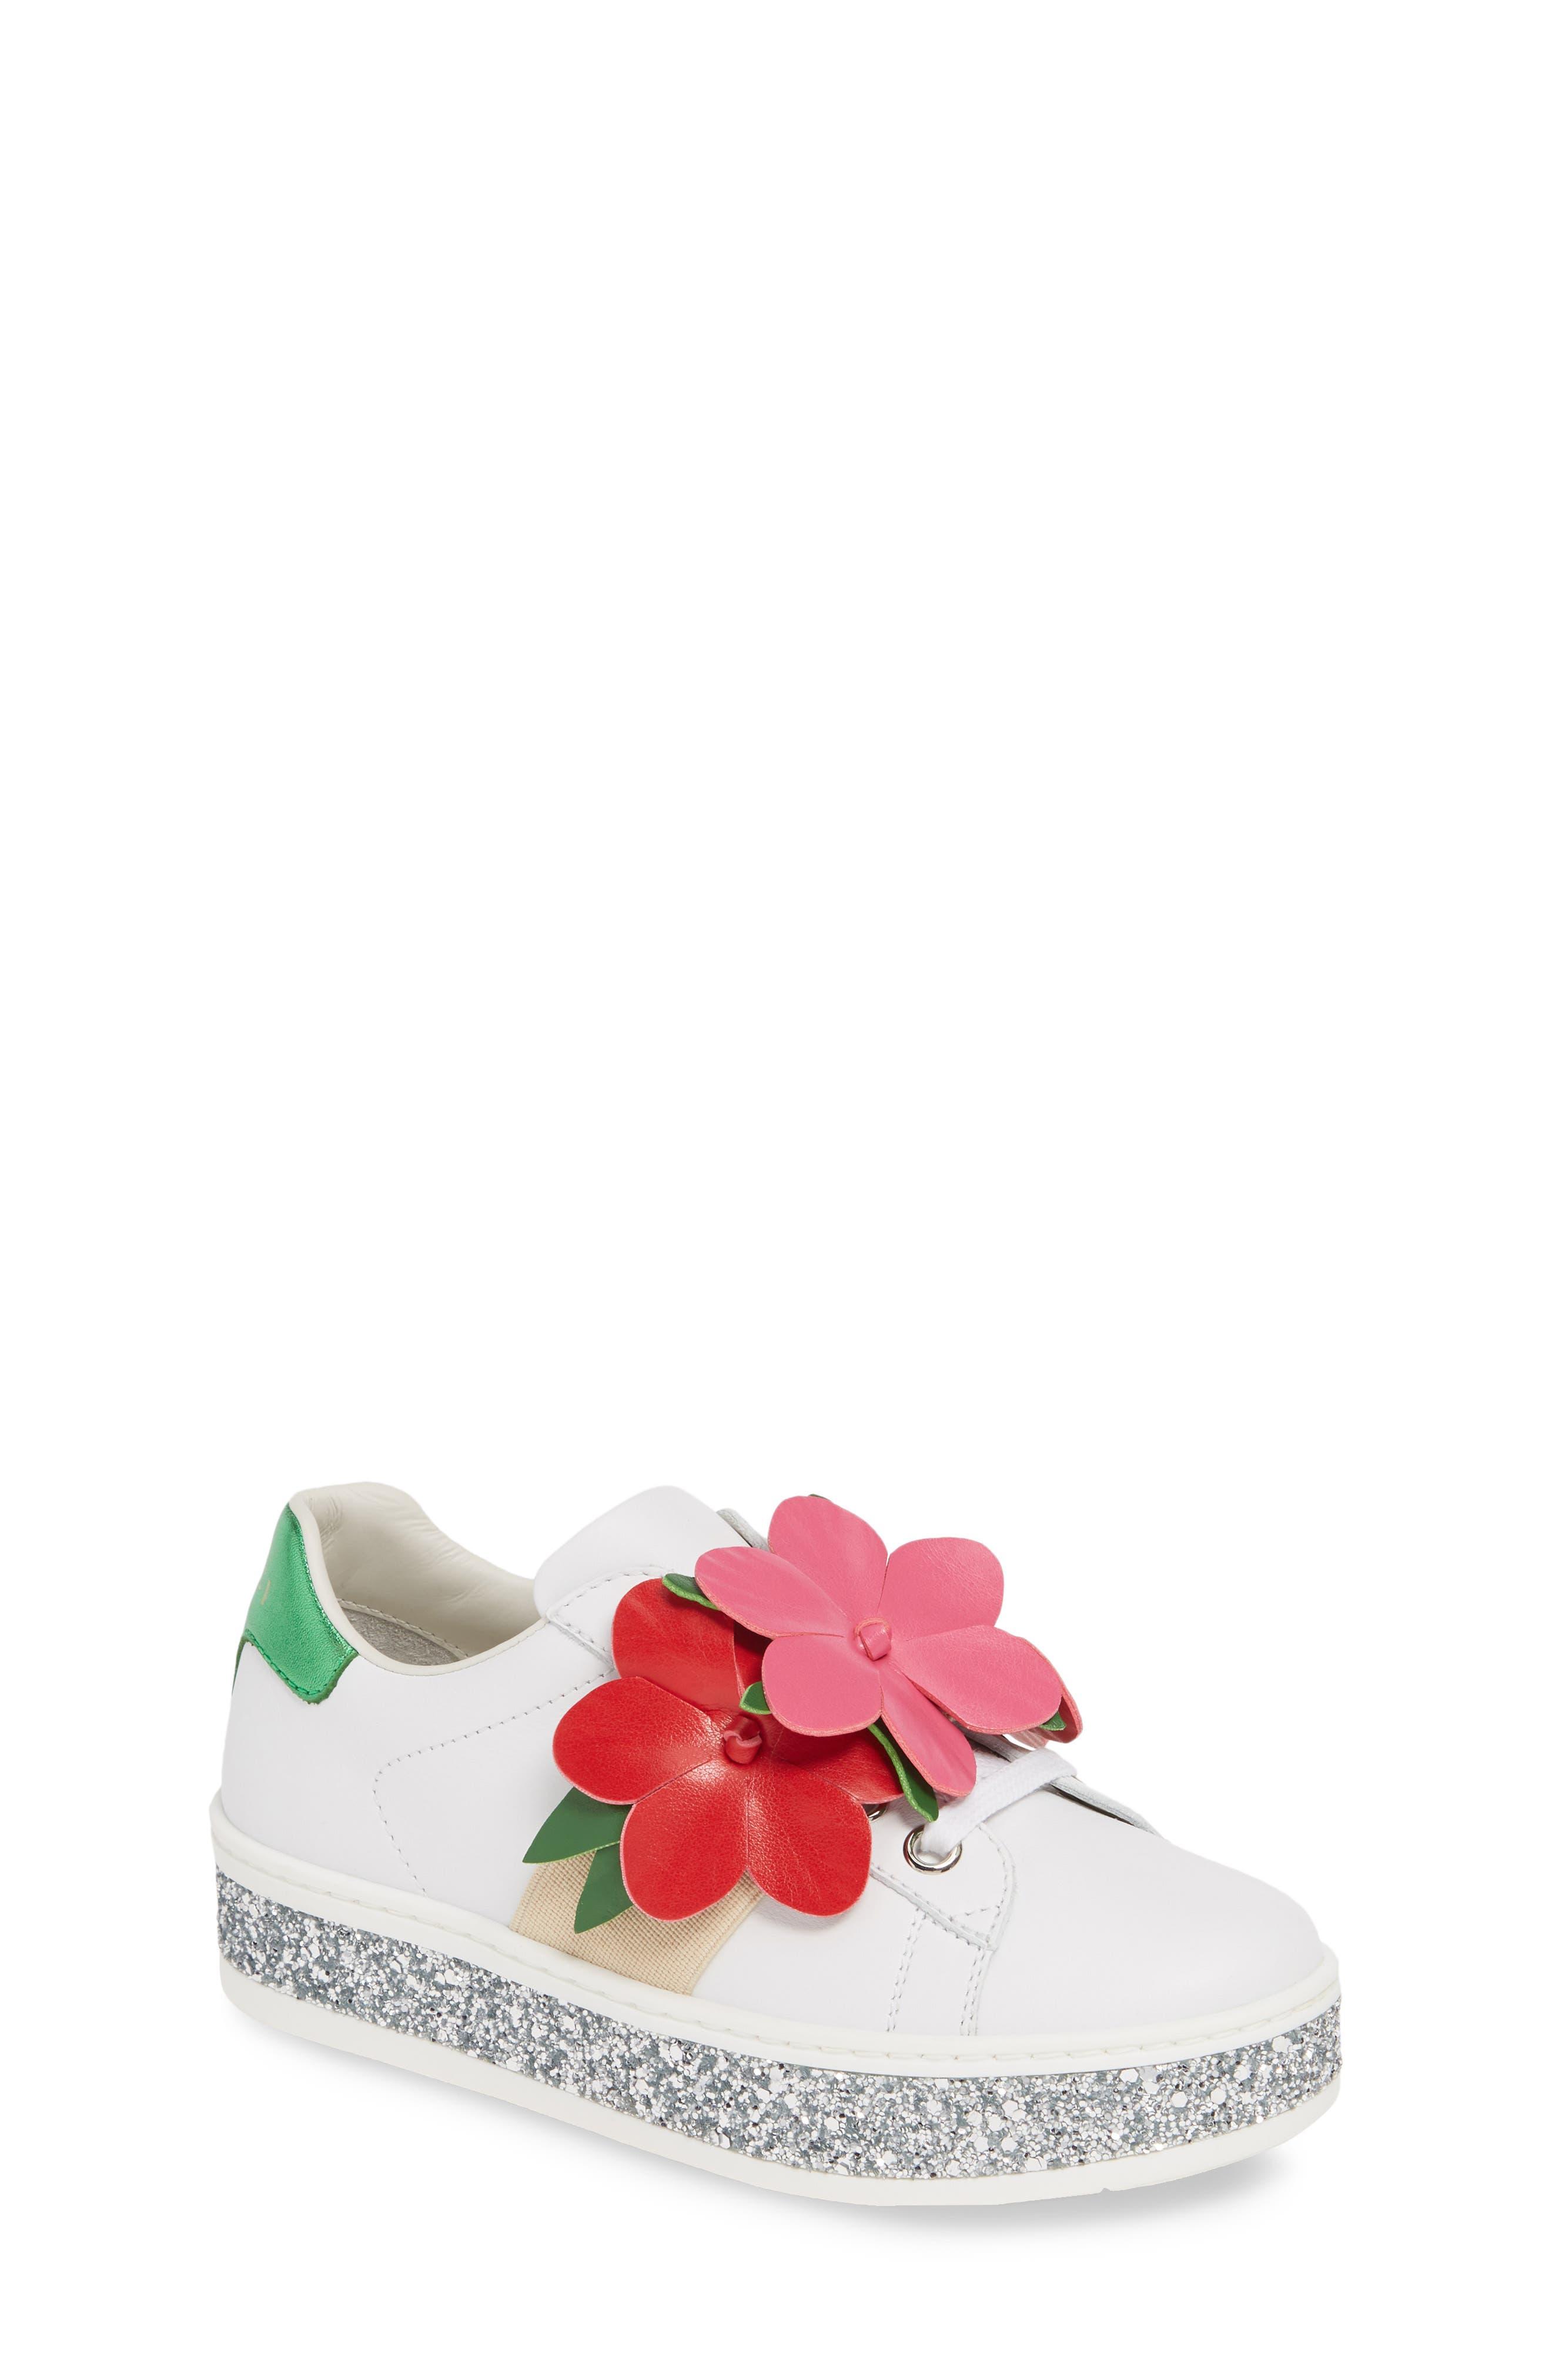 Gucci New Ace Flower Glitter Platform Sneaker